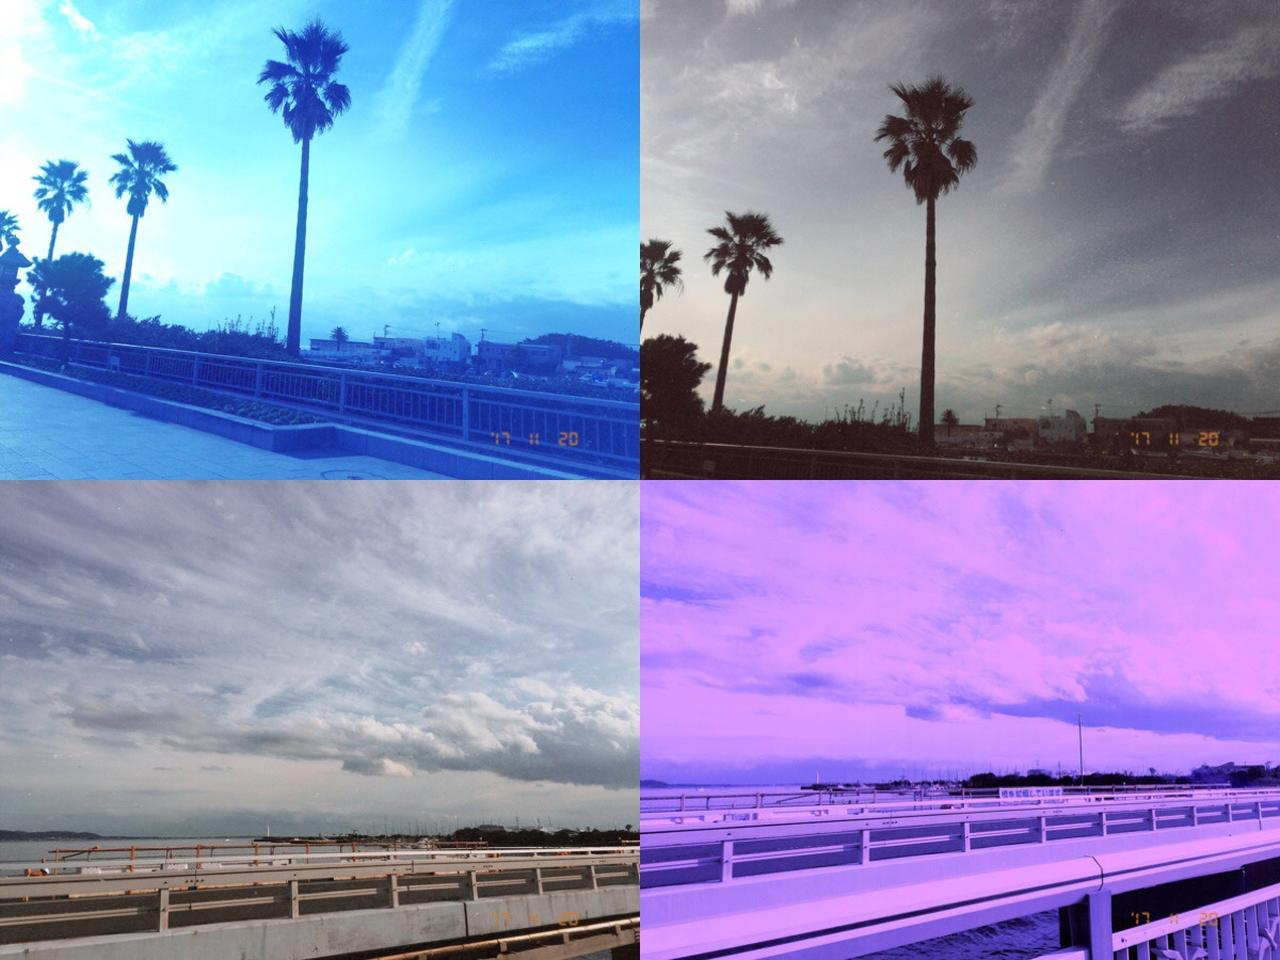 画像1: フィルターと違う雰囲気の写真ができることも?!こんな写真が撮れます!